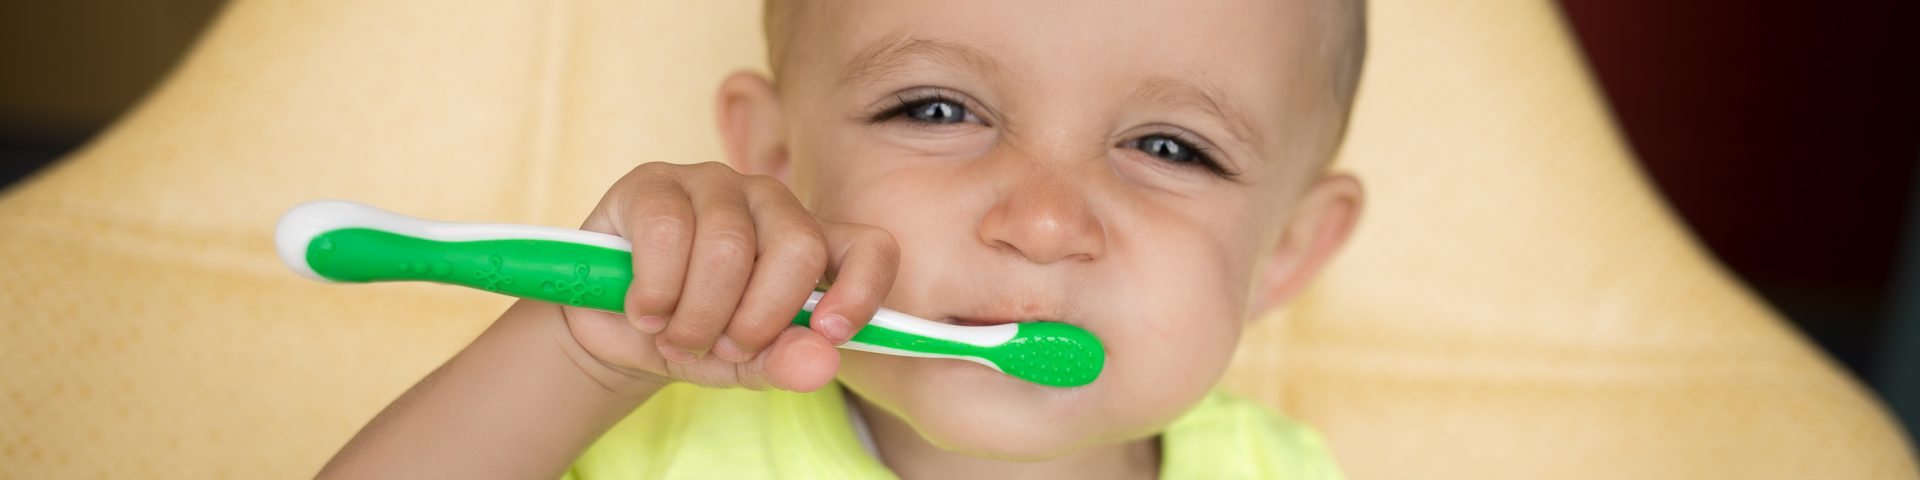 Pediatric dentistry in Hudson, WI